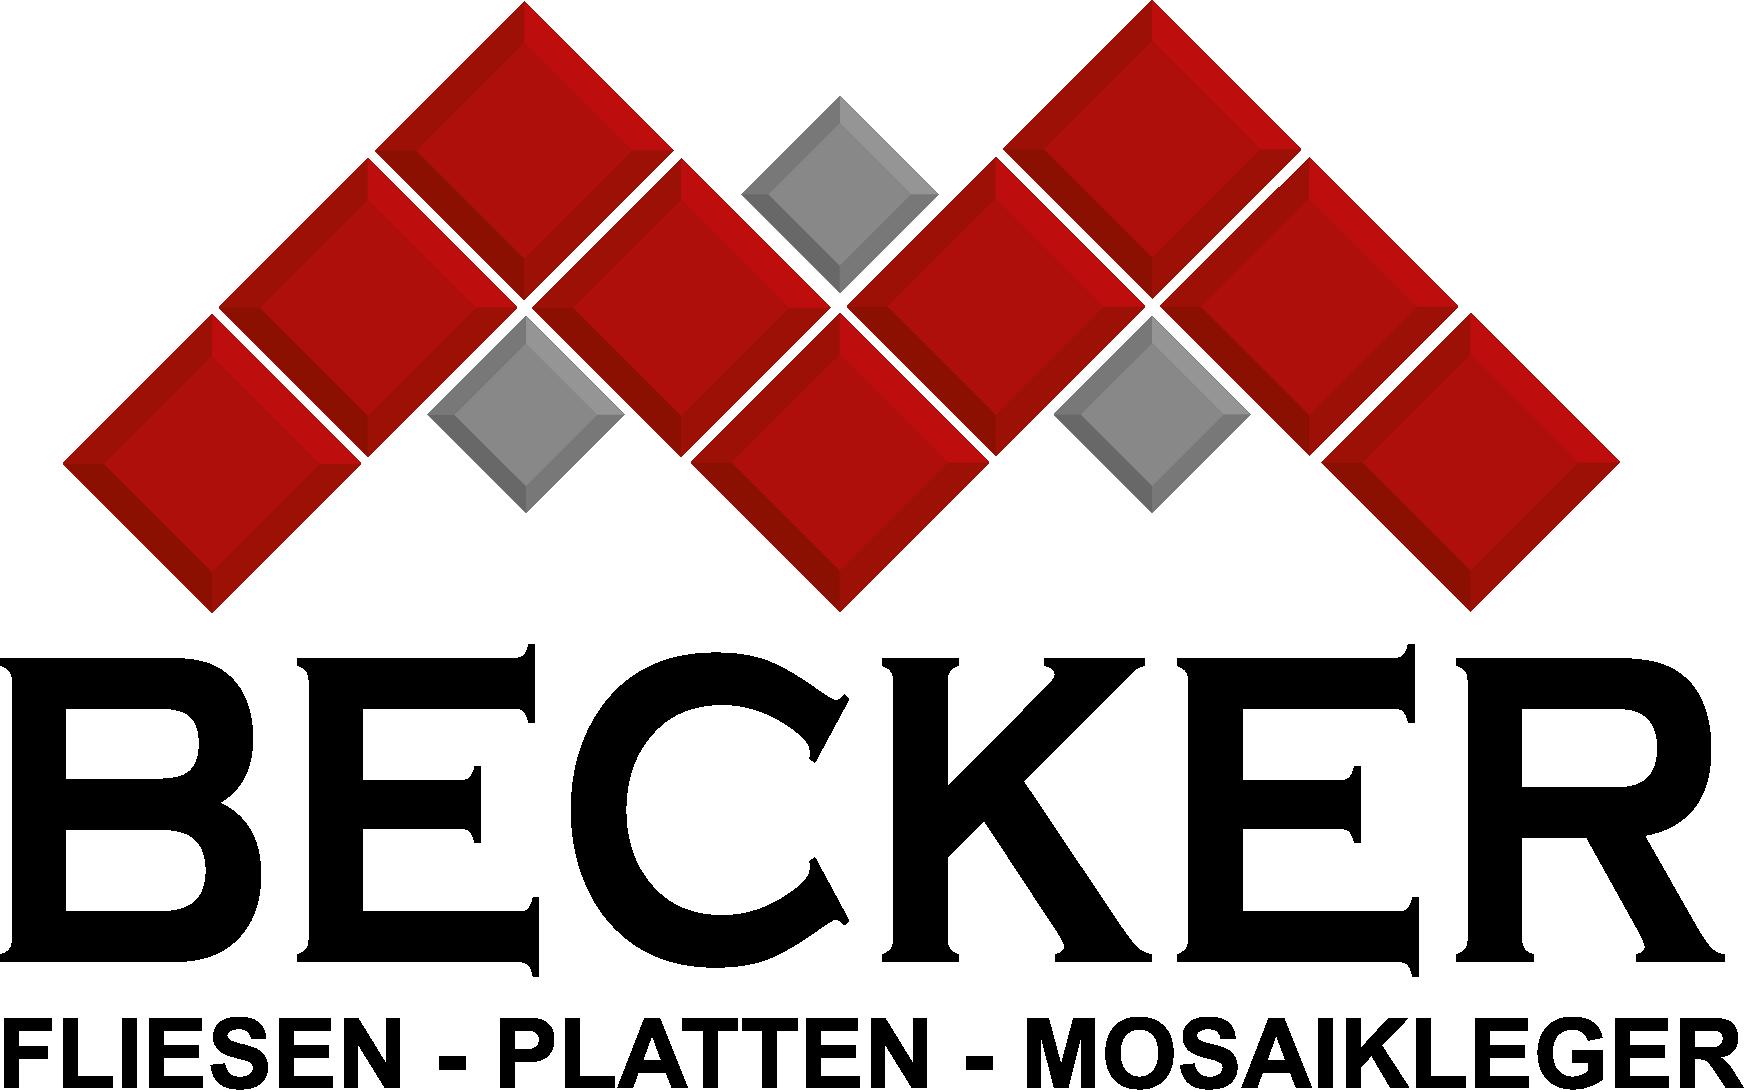 M.Becker Fliesen-Design